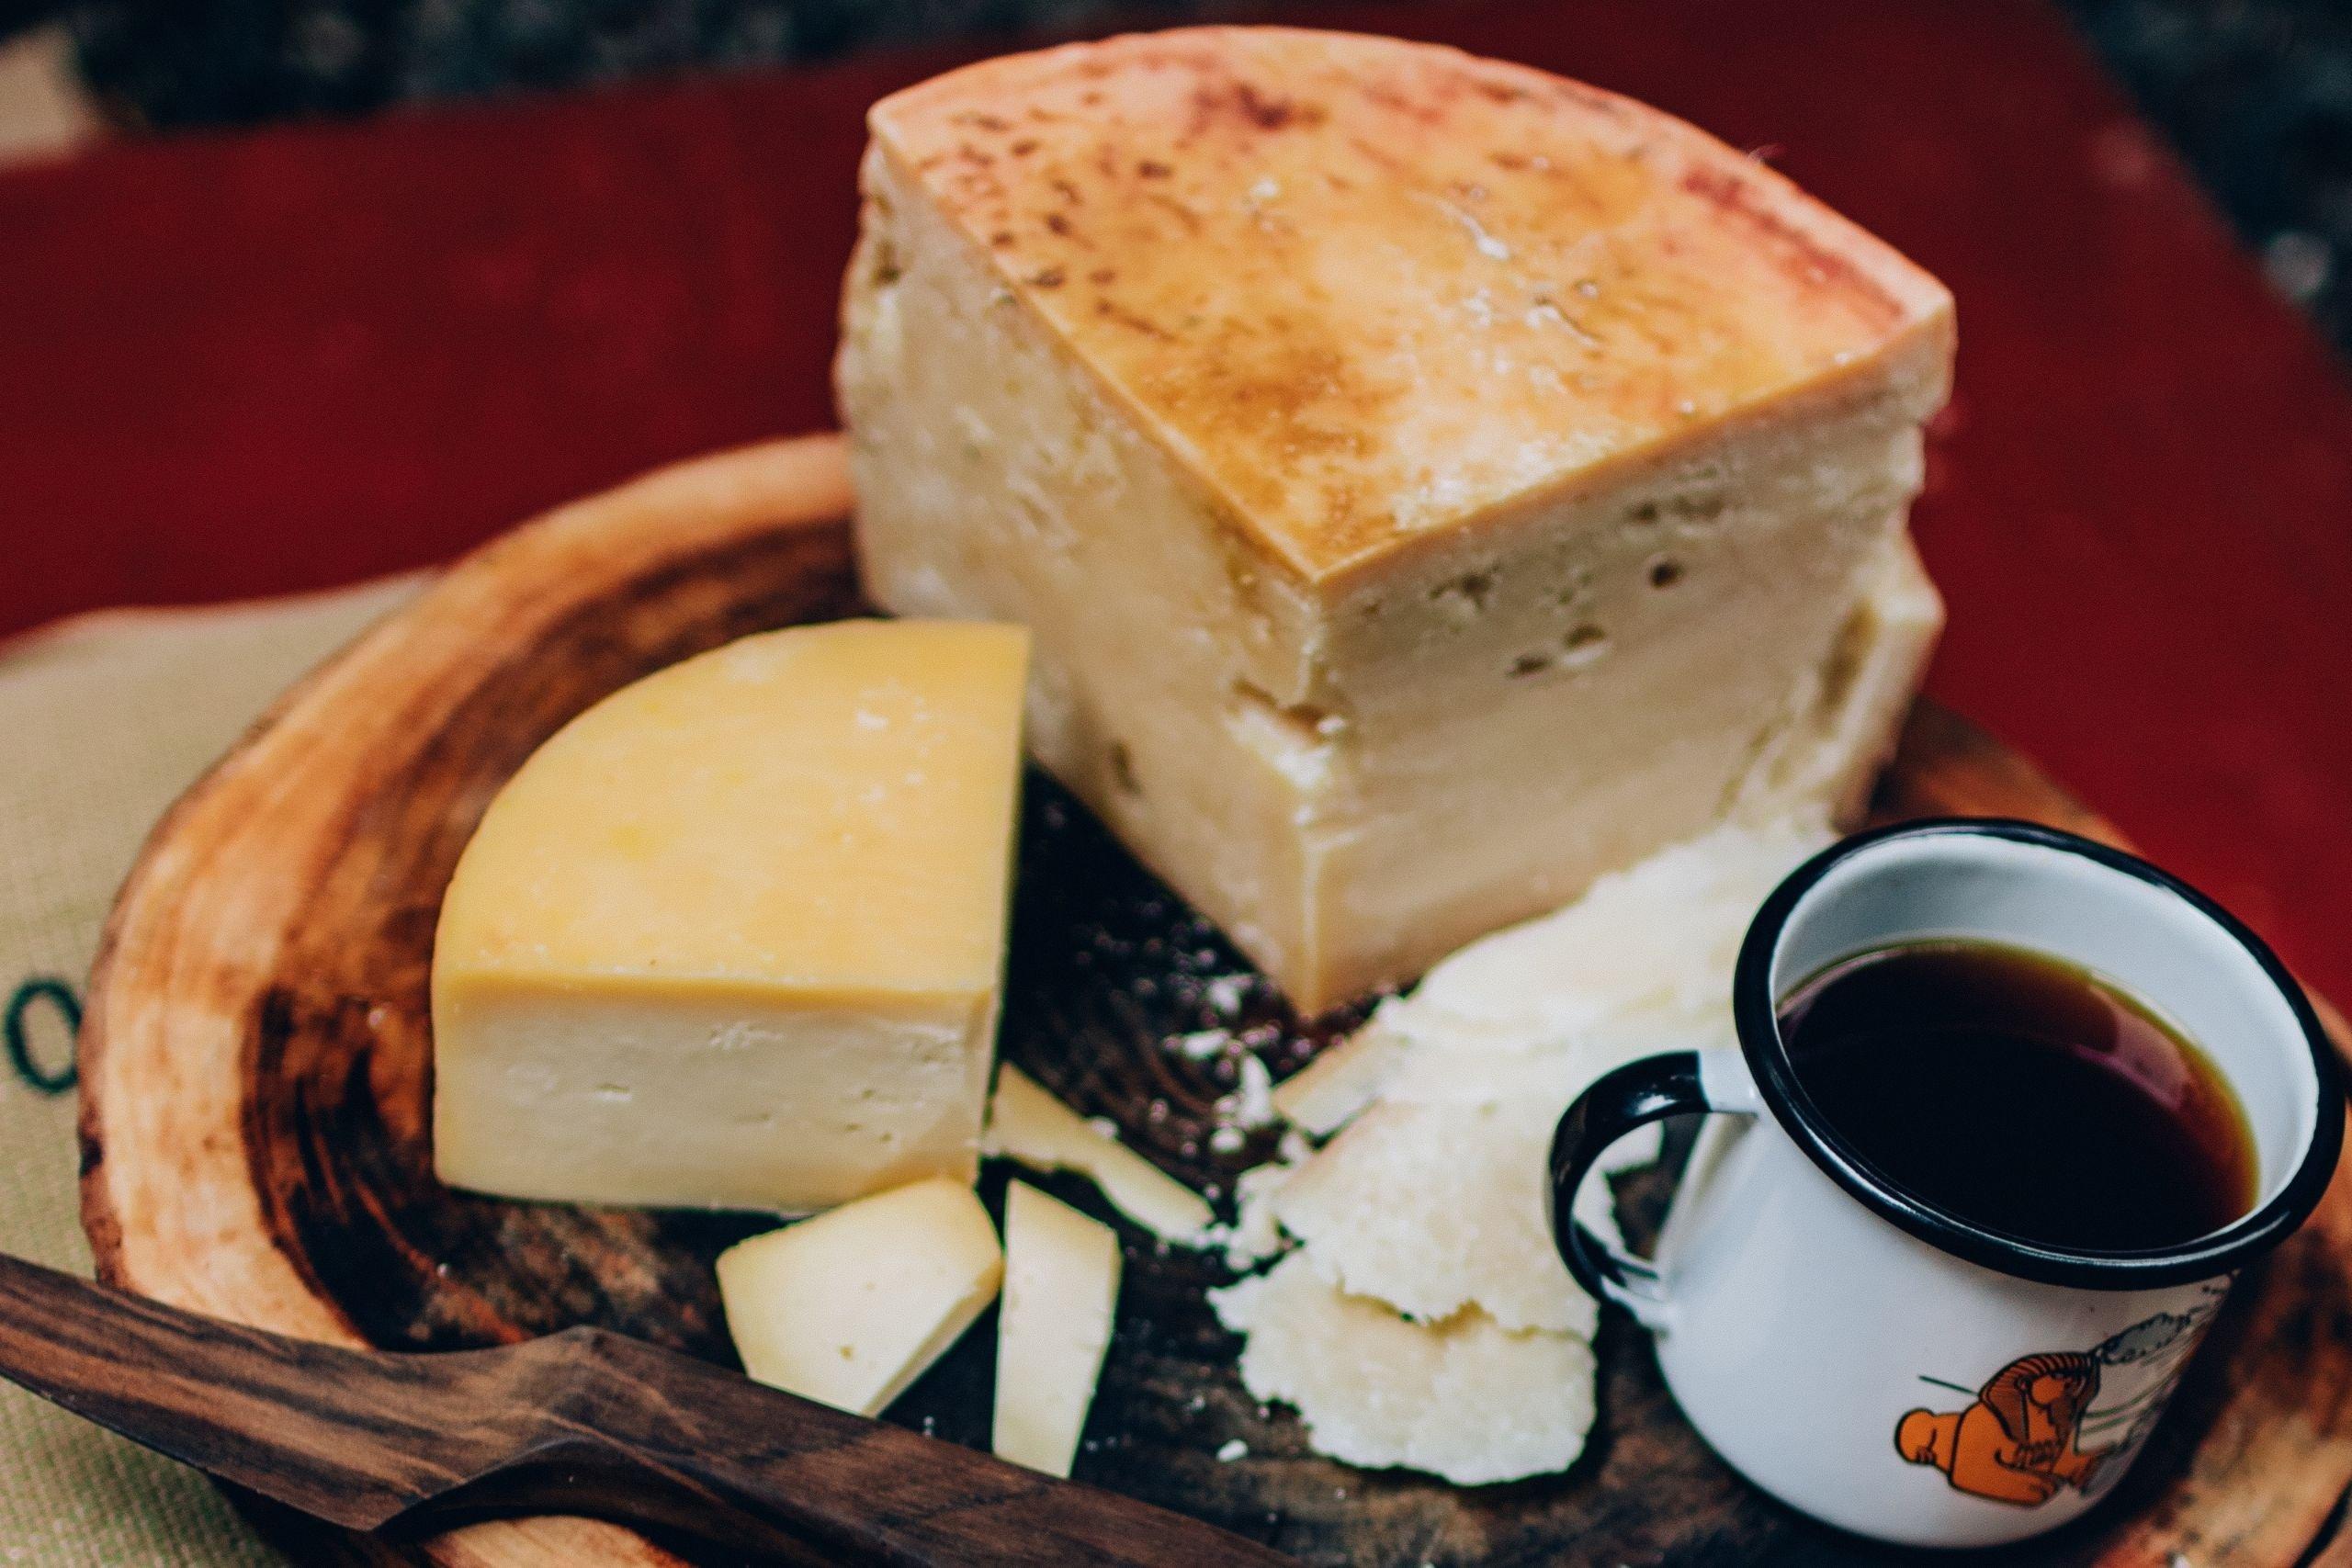 Mesa com queijo cortado aos pedaços e uma xícara cheia de café.